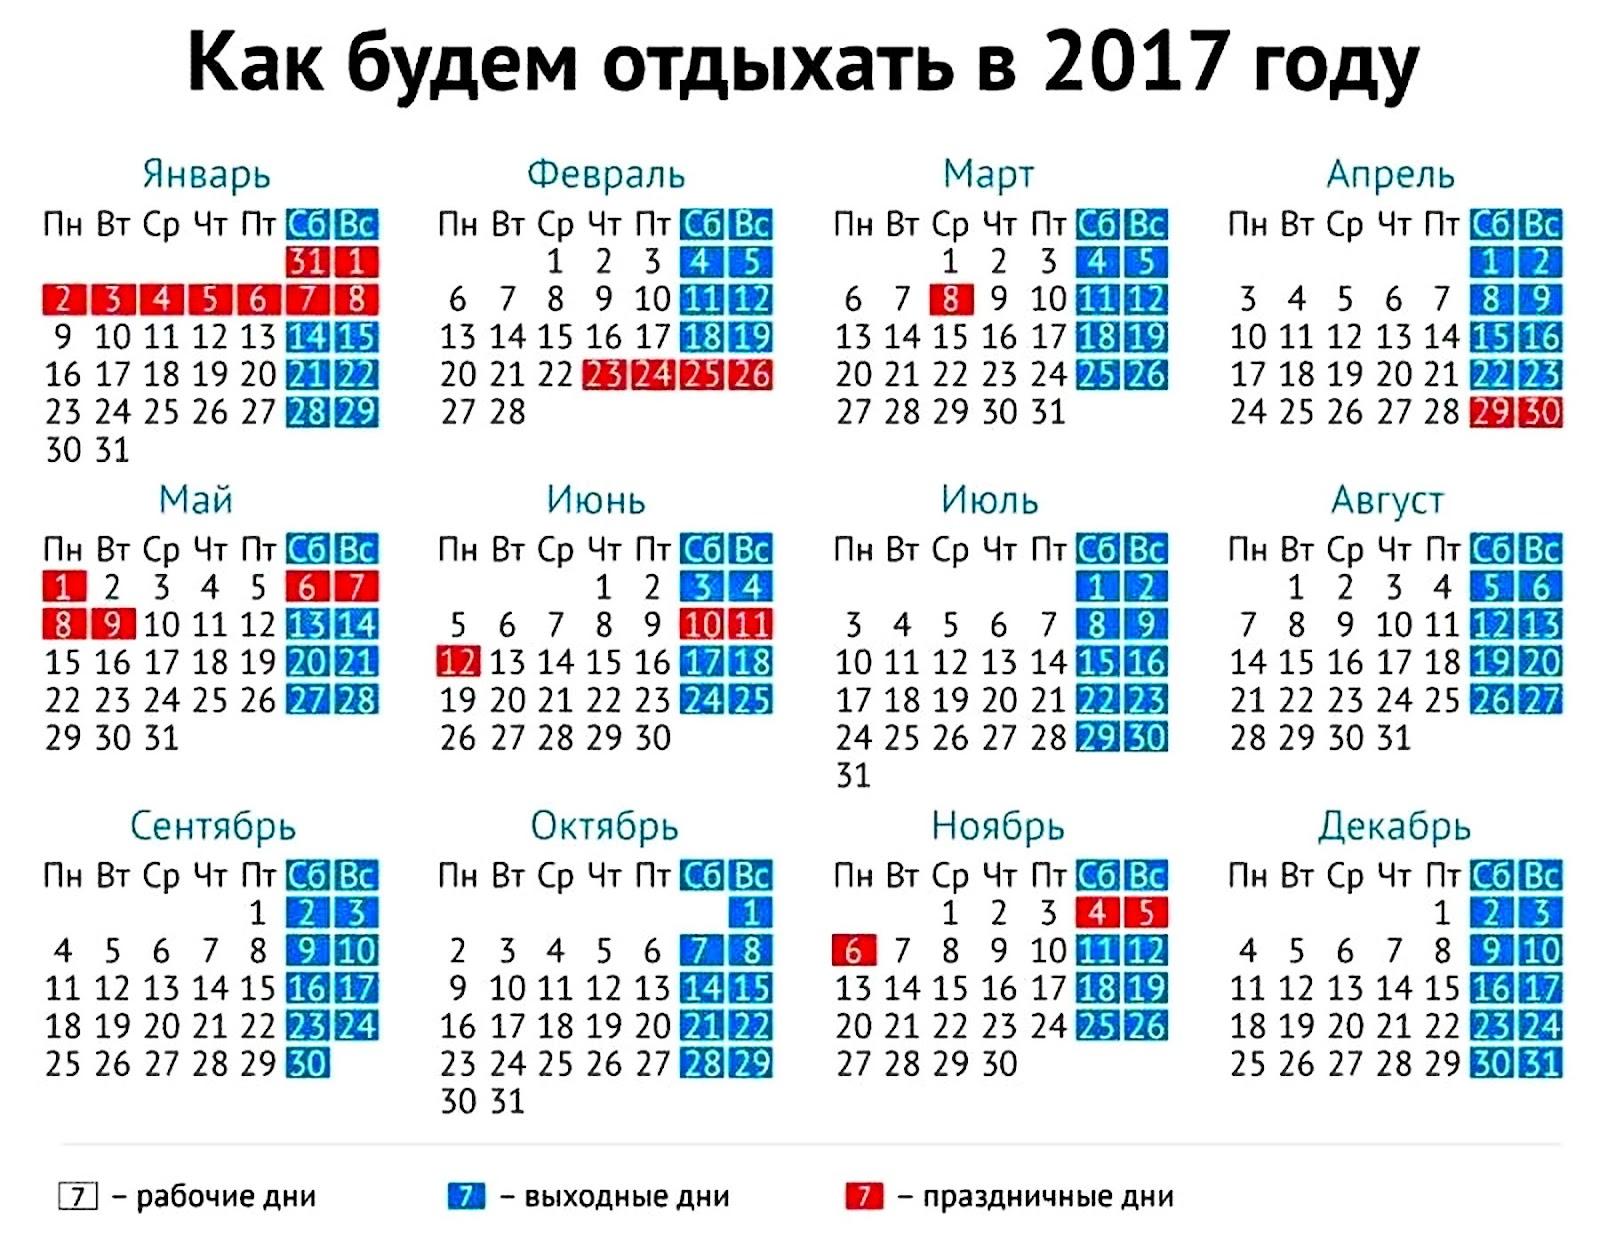 На новый год выходные дни